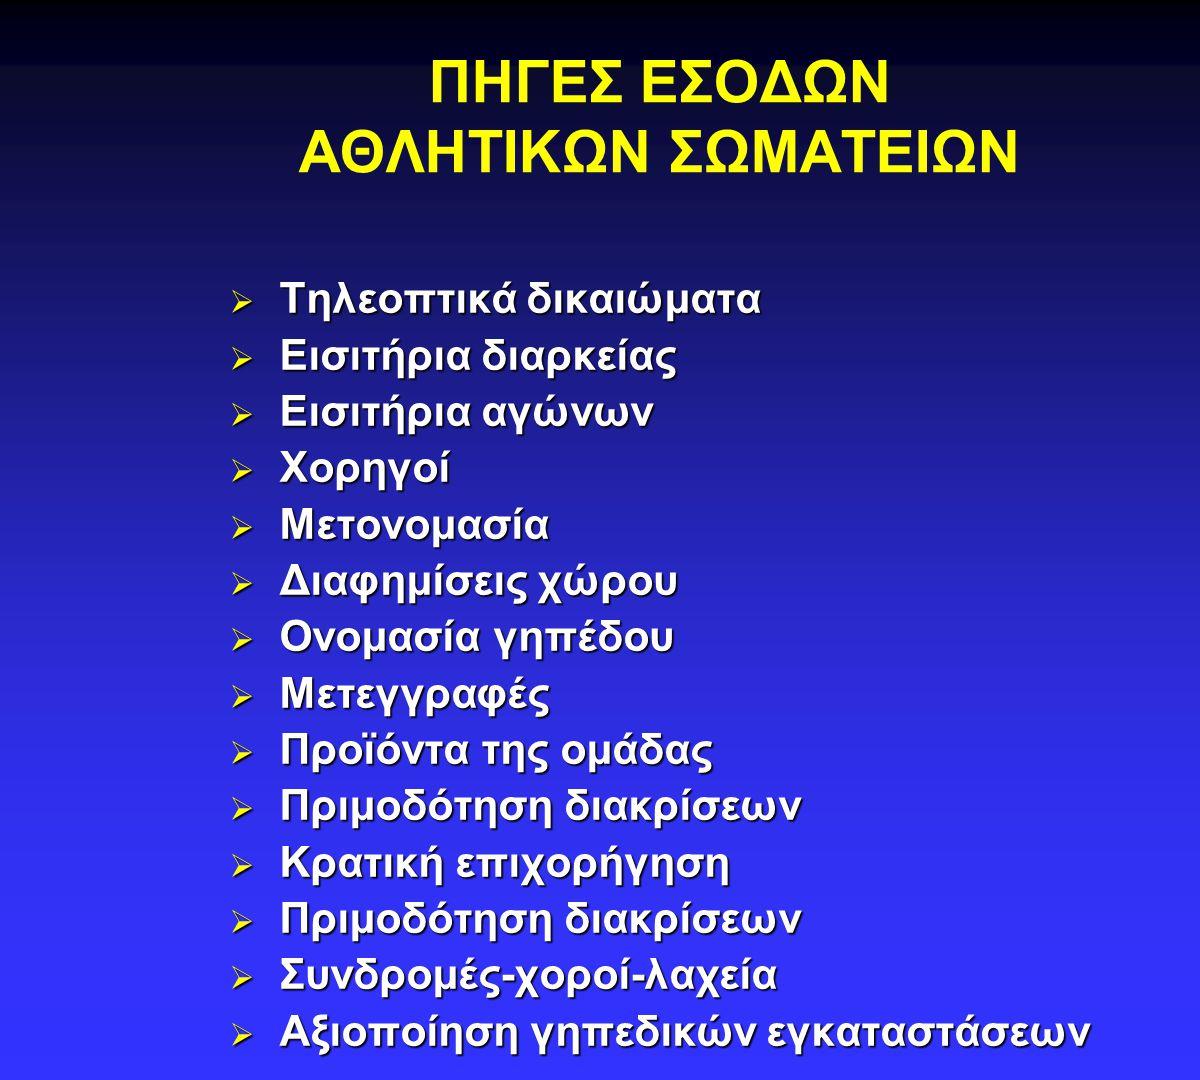 ΚΥΡΙΕΣ ΠΗΓΕΣ ΕΣΟΔΩΝ ΟΜΑΔΩΝ ΠΟΔΟΣΦΑΙΡΟΥ 1.